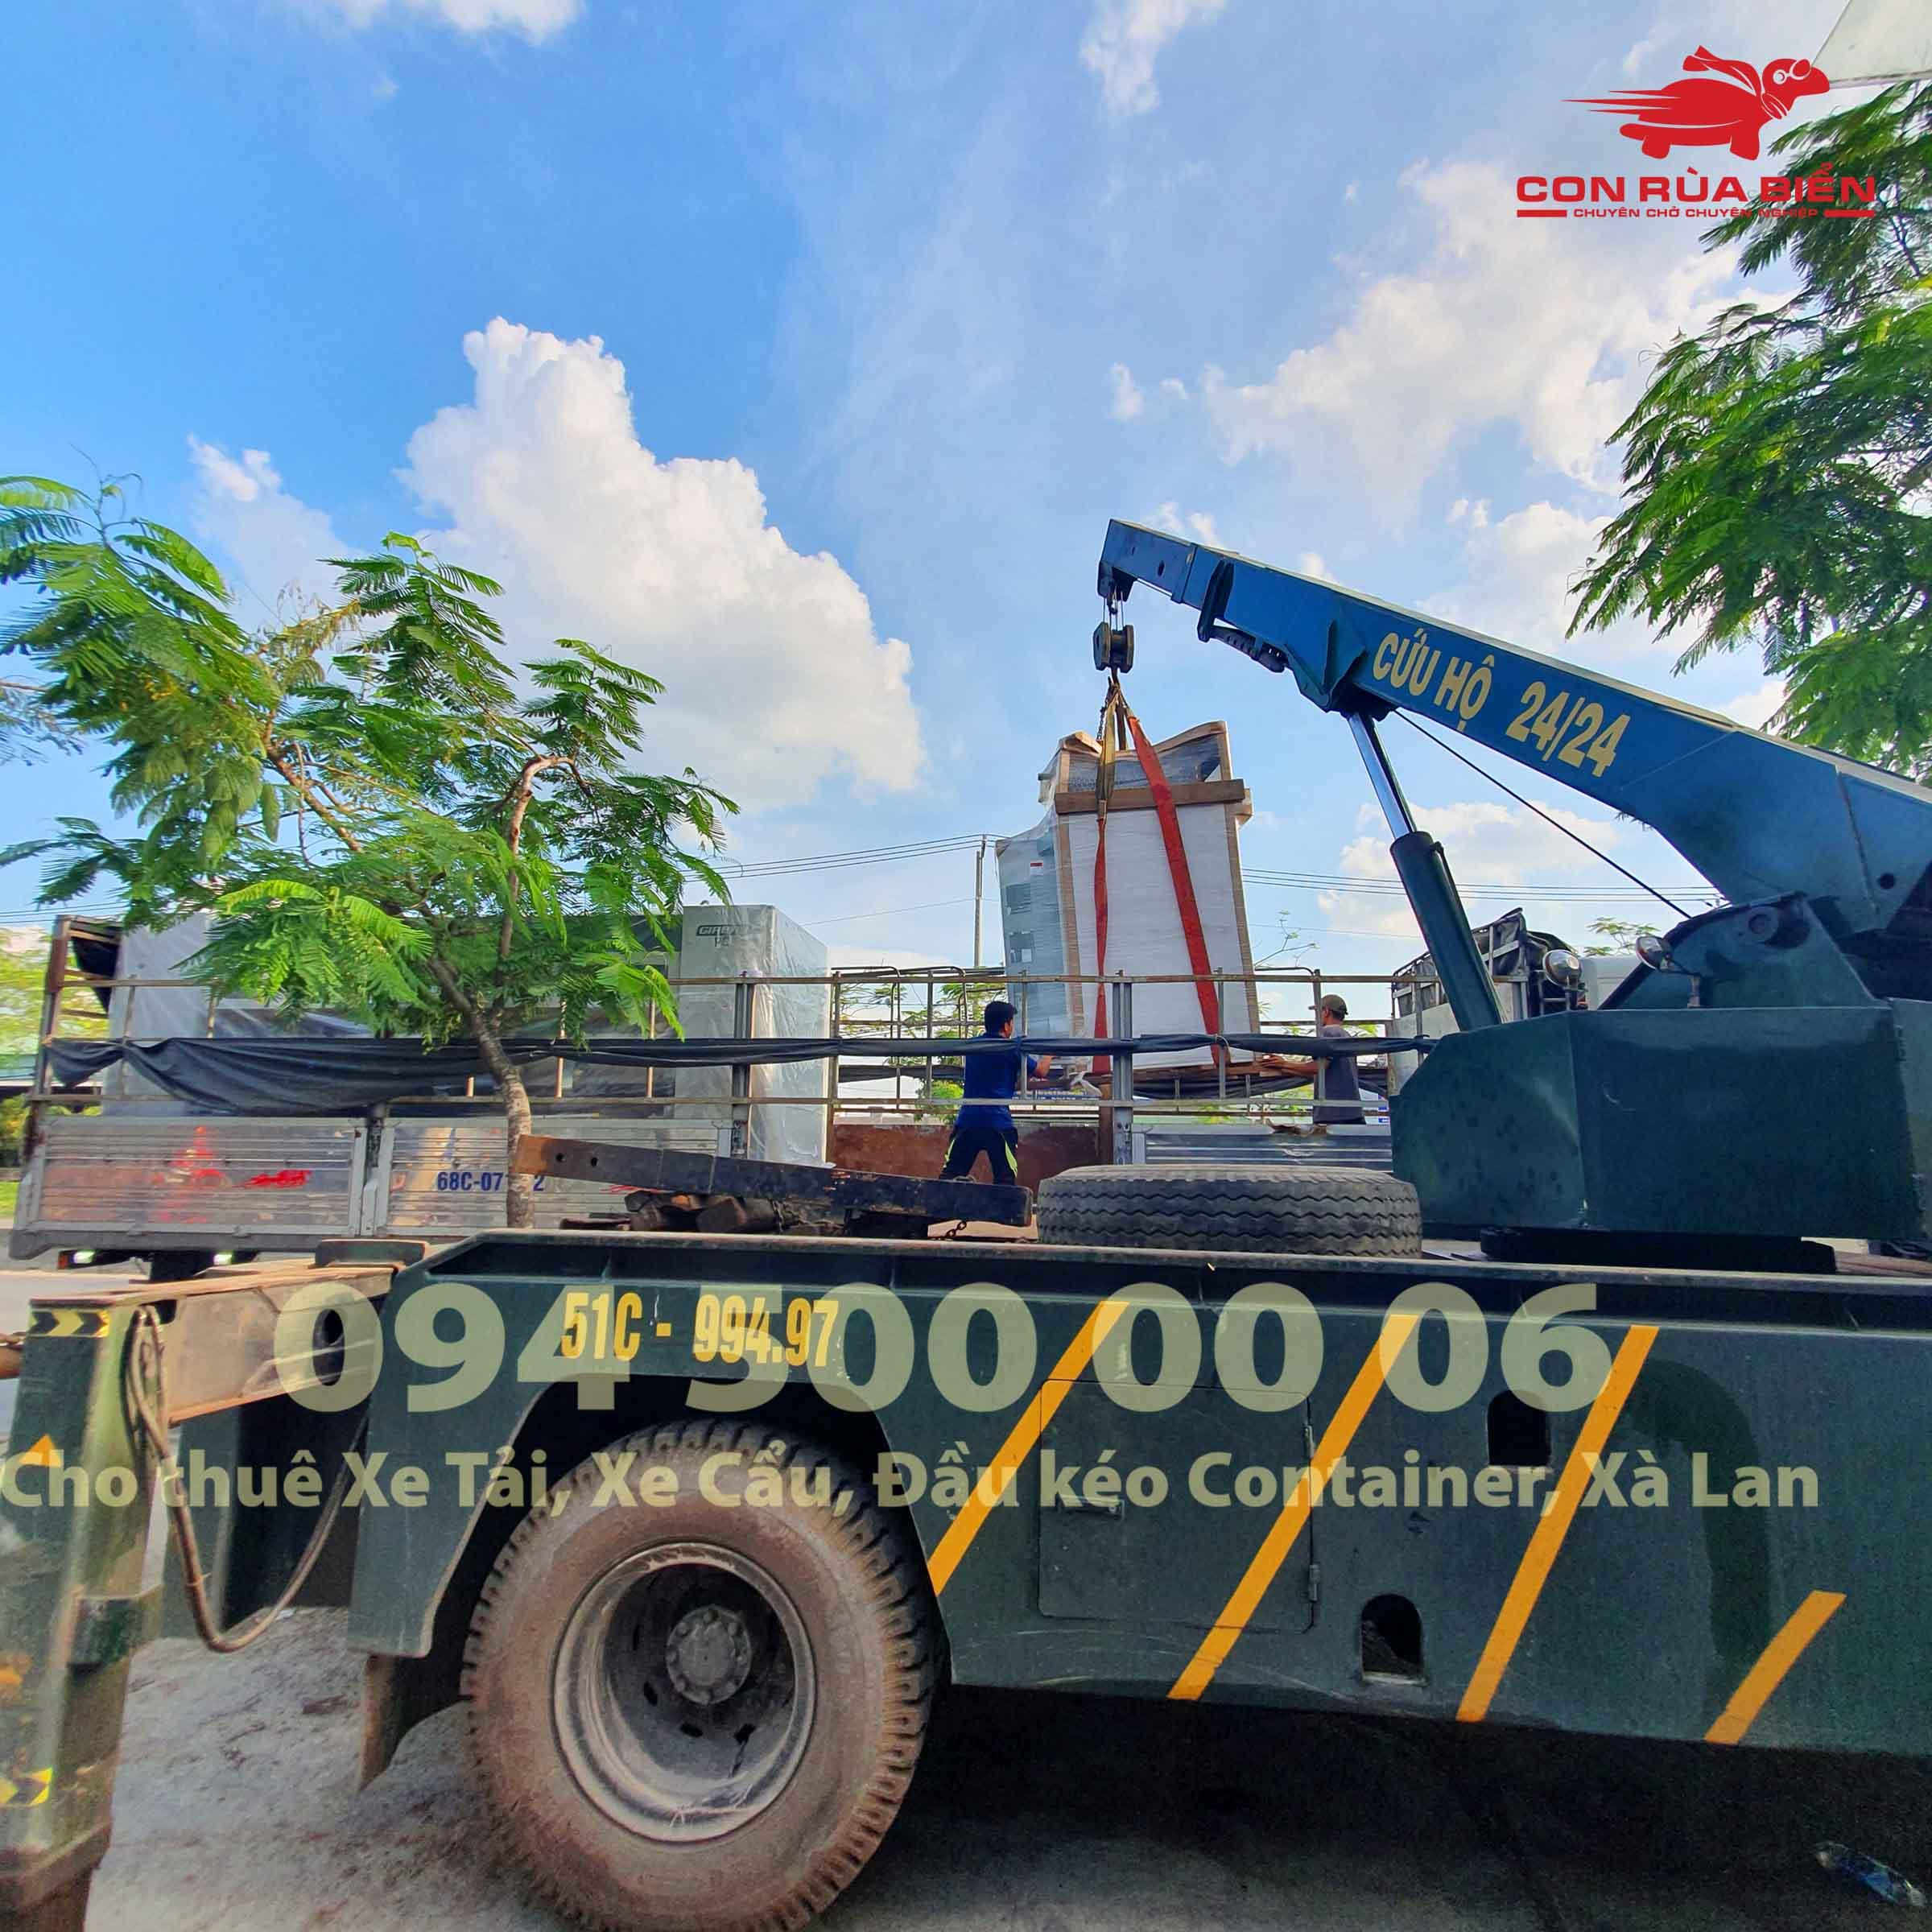 CON RÙA BIỂN là Chành xe Hà Nội Sài Gòn Phú Quốc chạy chuyên tuyến, nhận Vận chuyển hàng Máy Giặt Sấy Công Nghiệp đi Phú Quốc | 0945000006